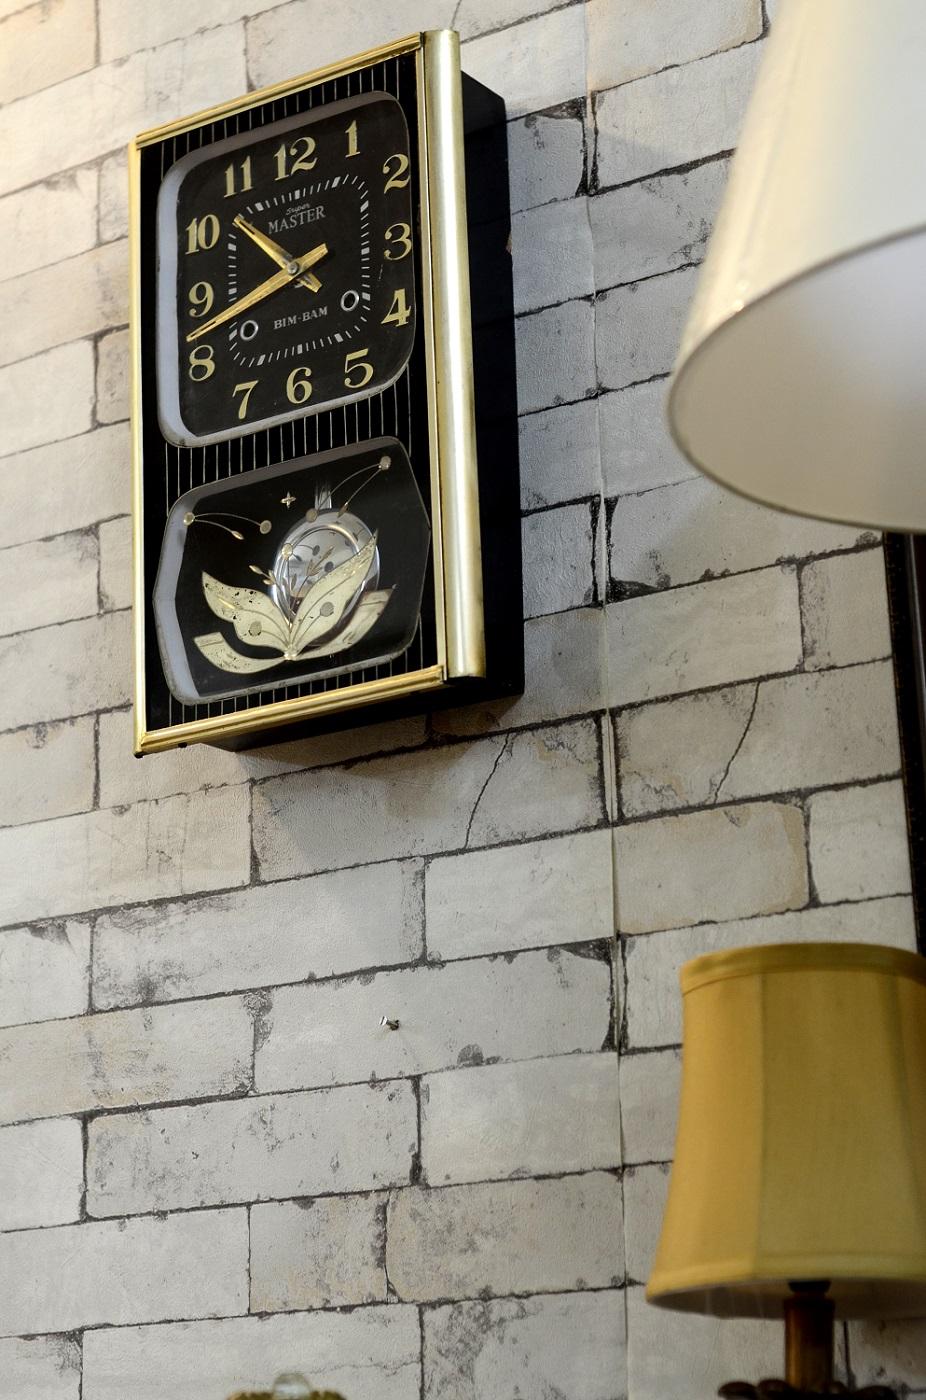 Old Master Bim Bam Pendulum Antique Wall Clock Antikcart